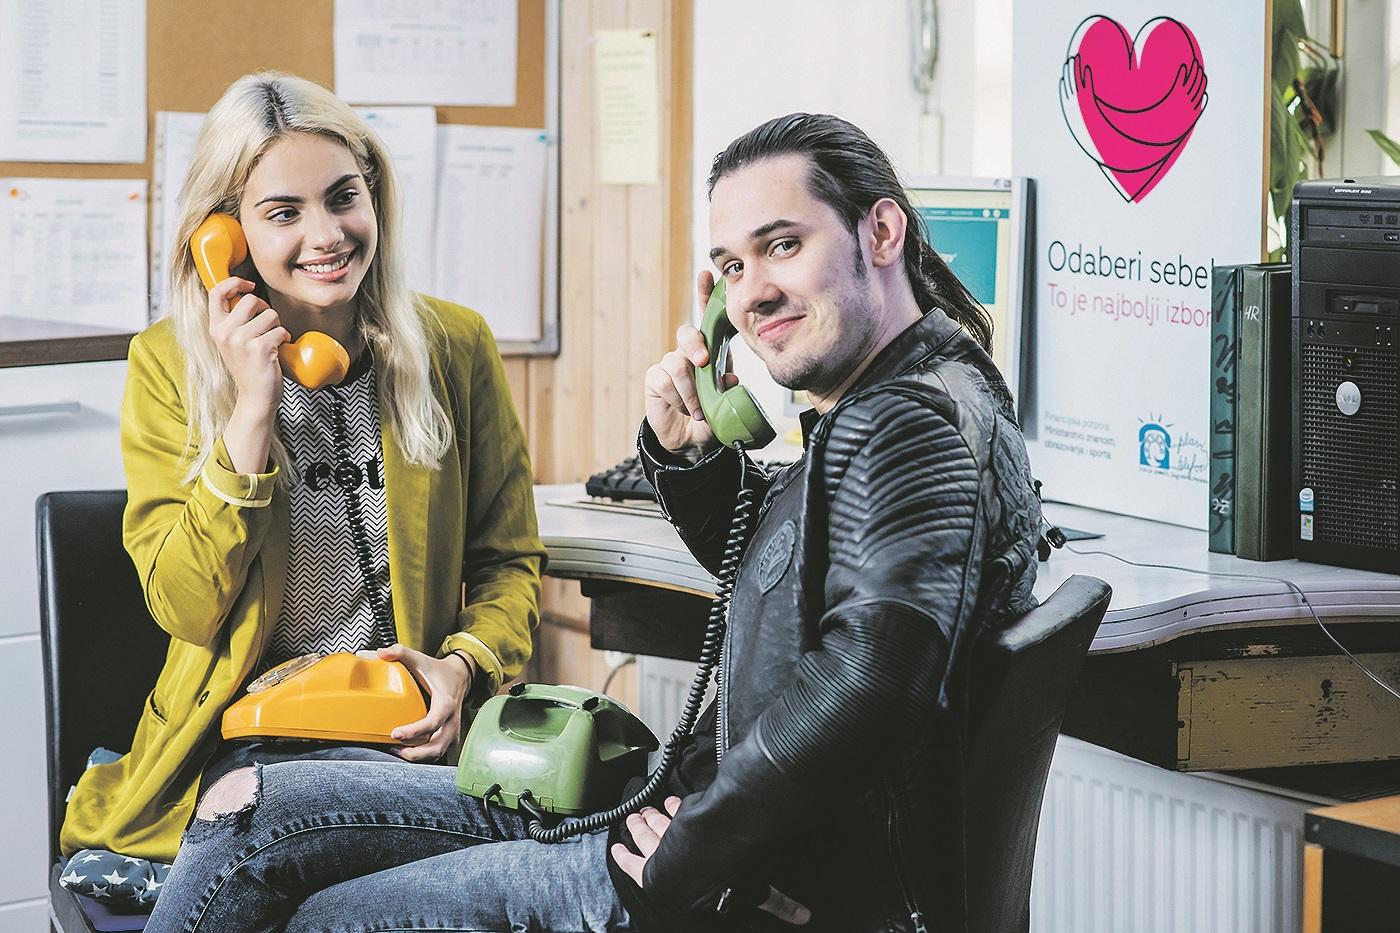 Zagreb, 270519. Tara Thaller i Dino Jelusic volontirali su u udruzi Plavi telefon. Foto: Neja Markicevic / CROPIX